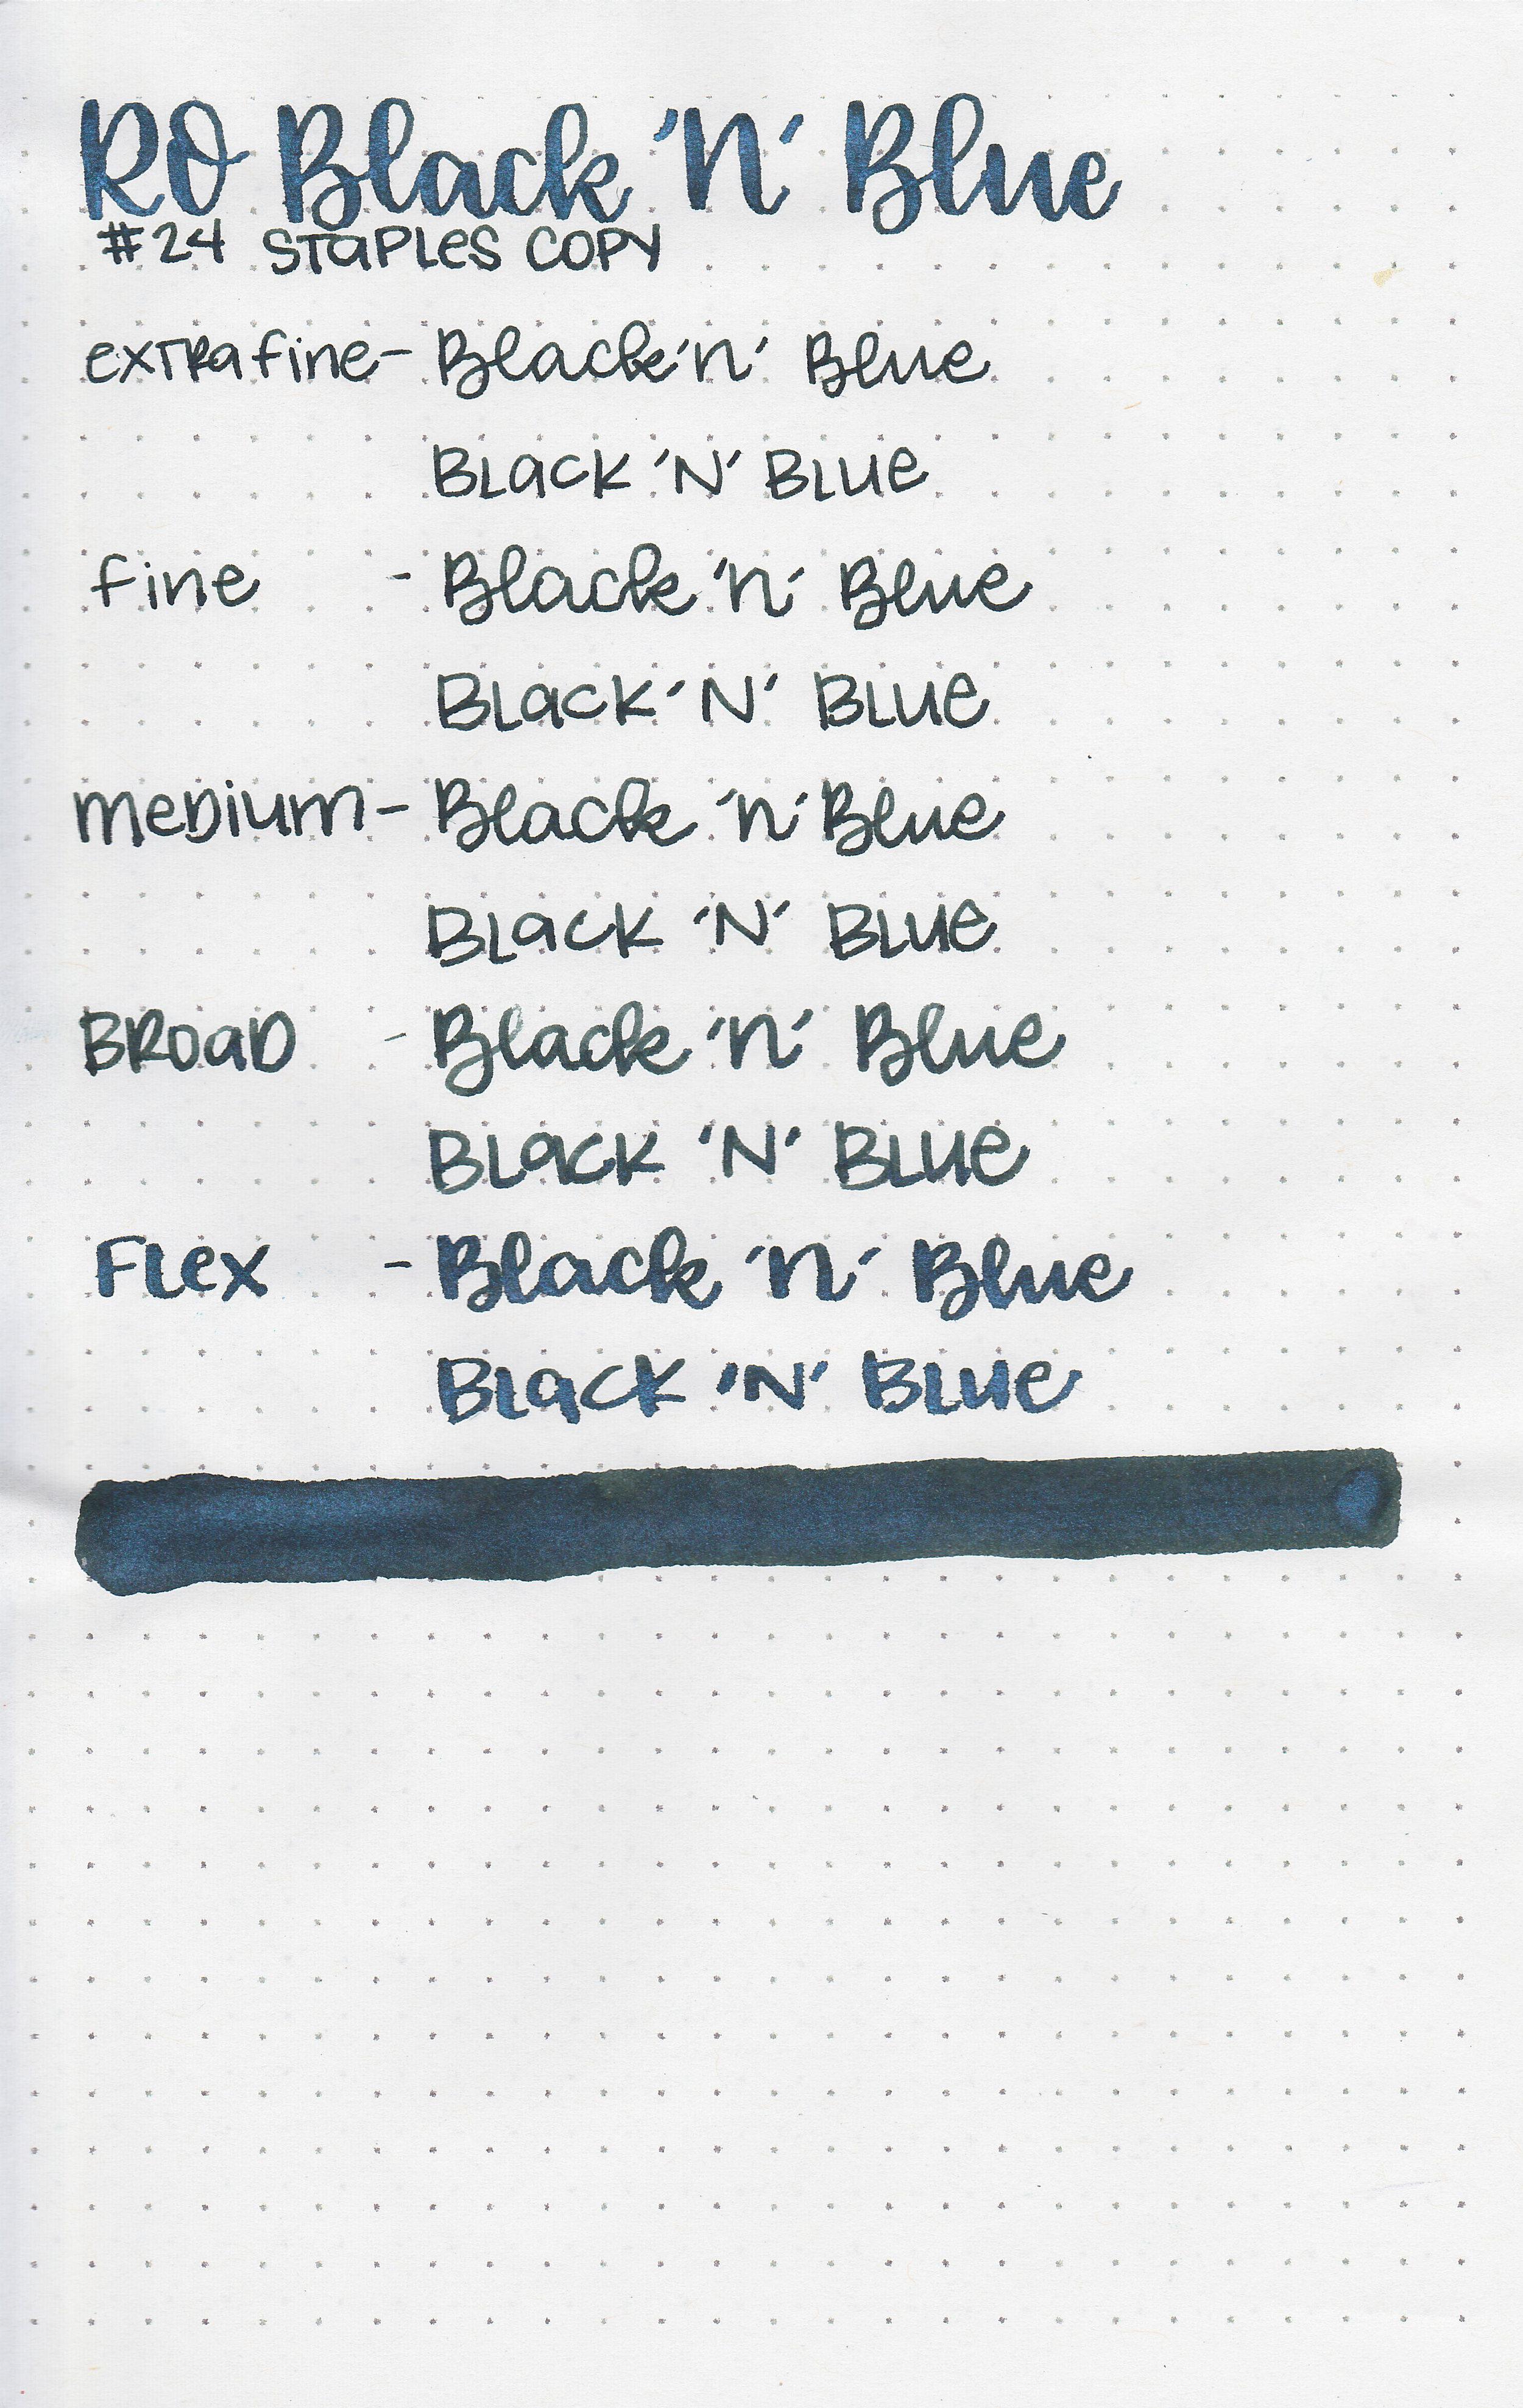 ro-black-n-blue-11.jpg